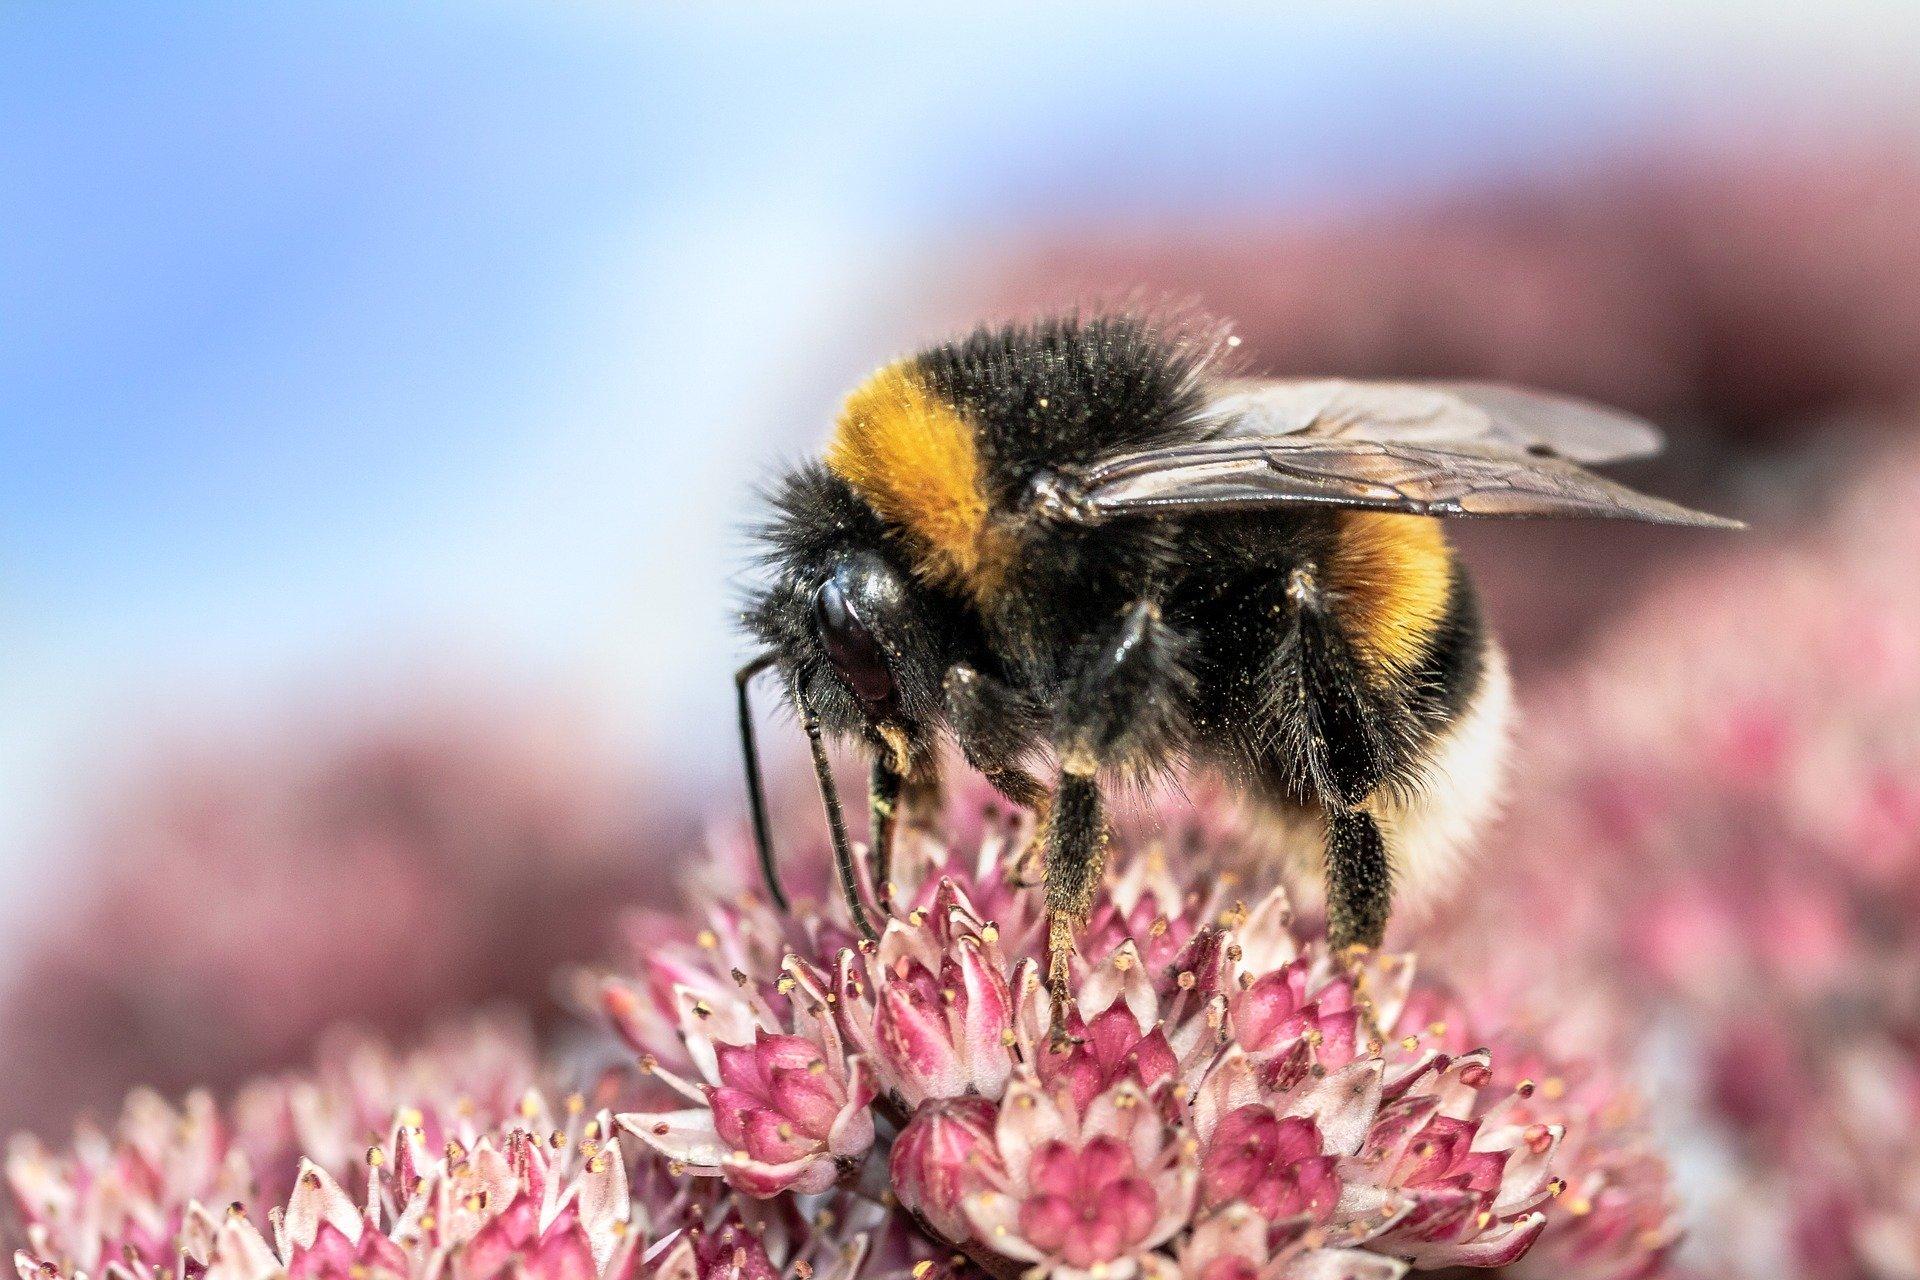 Artikel: Hummeln beschädigen Pflanzenblätter und beschleunigen die Blütenproduktion bei Pollenknappheit